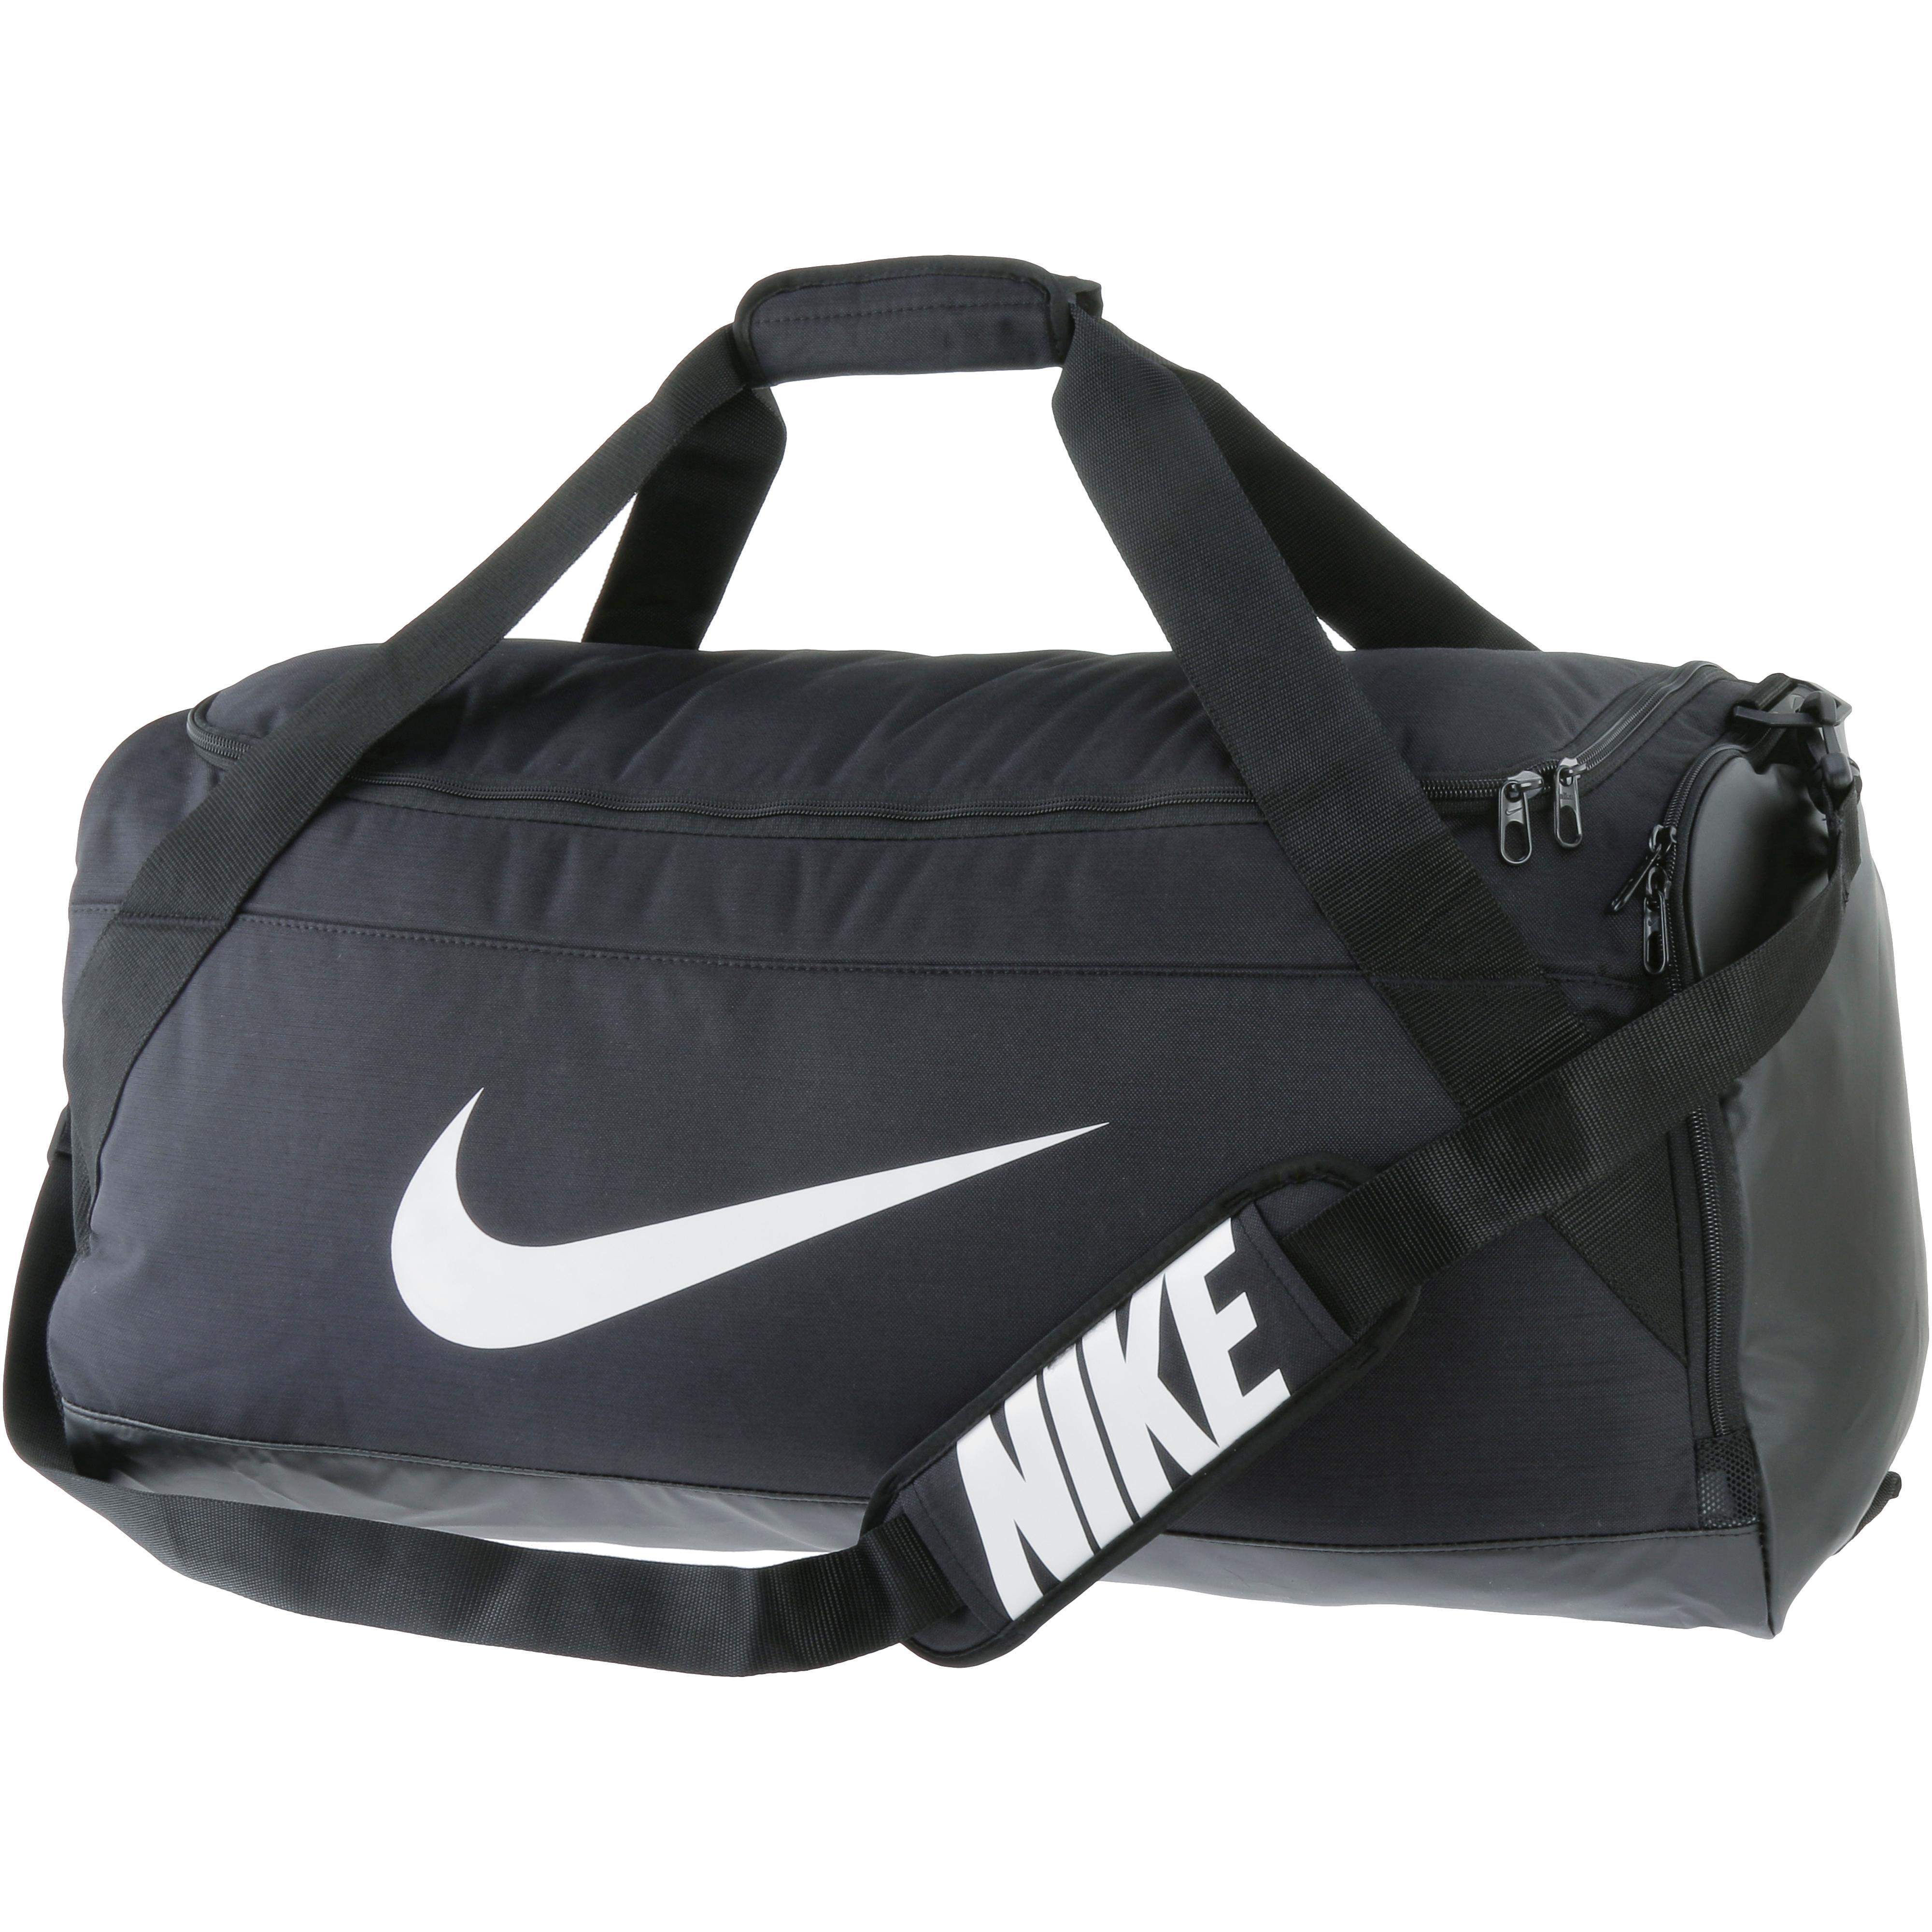 c2d73bb9b83cb Nike Brasilia Large Sporttasche black-black-white im Online Shop von  SportScheck kaufen